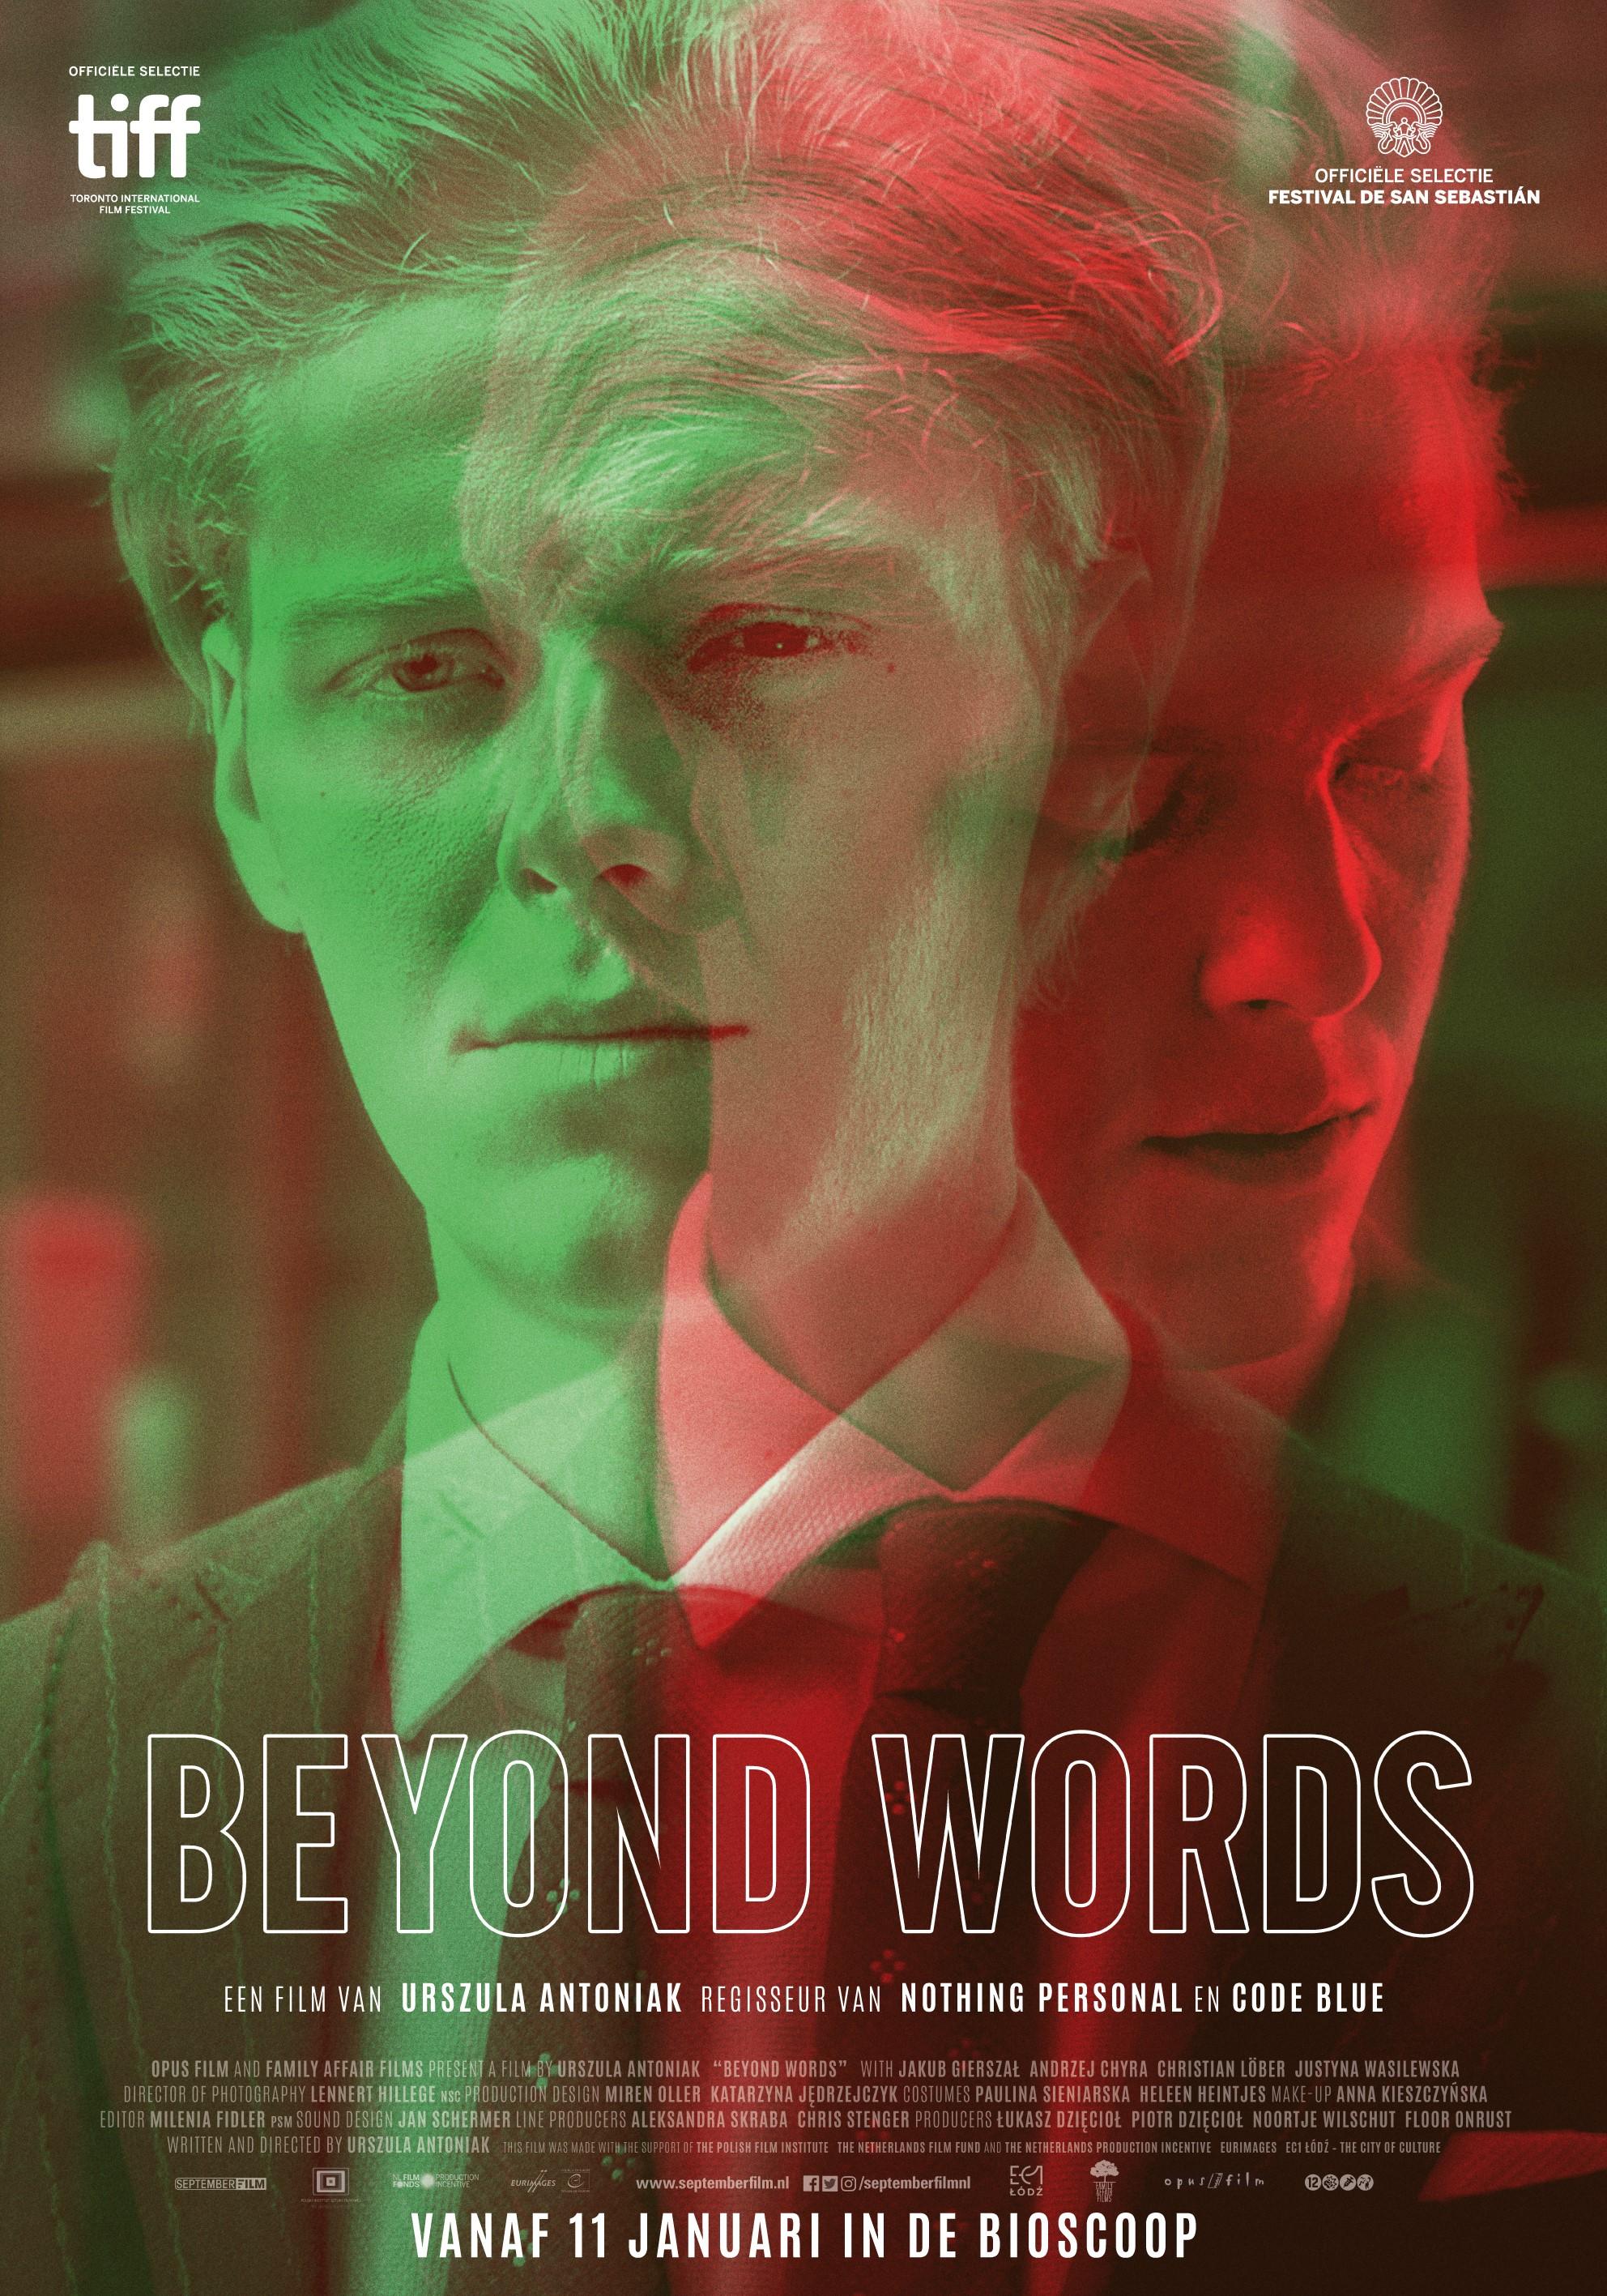 BeyondWords_NL_poster_NL.jpg